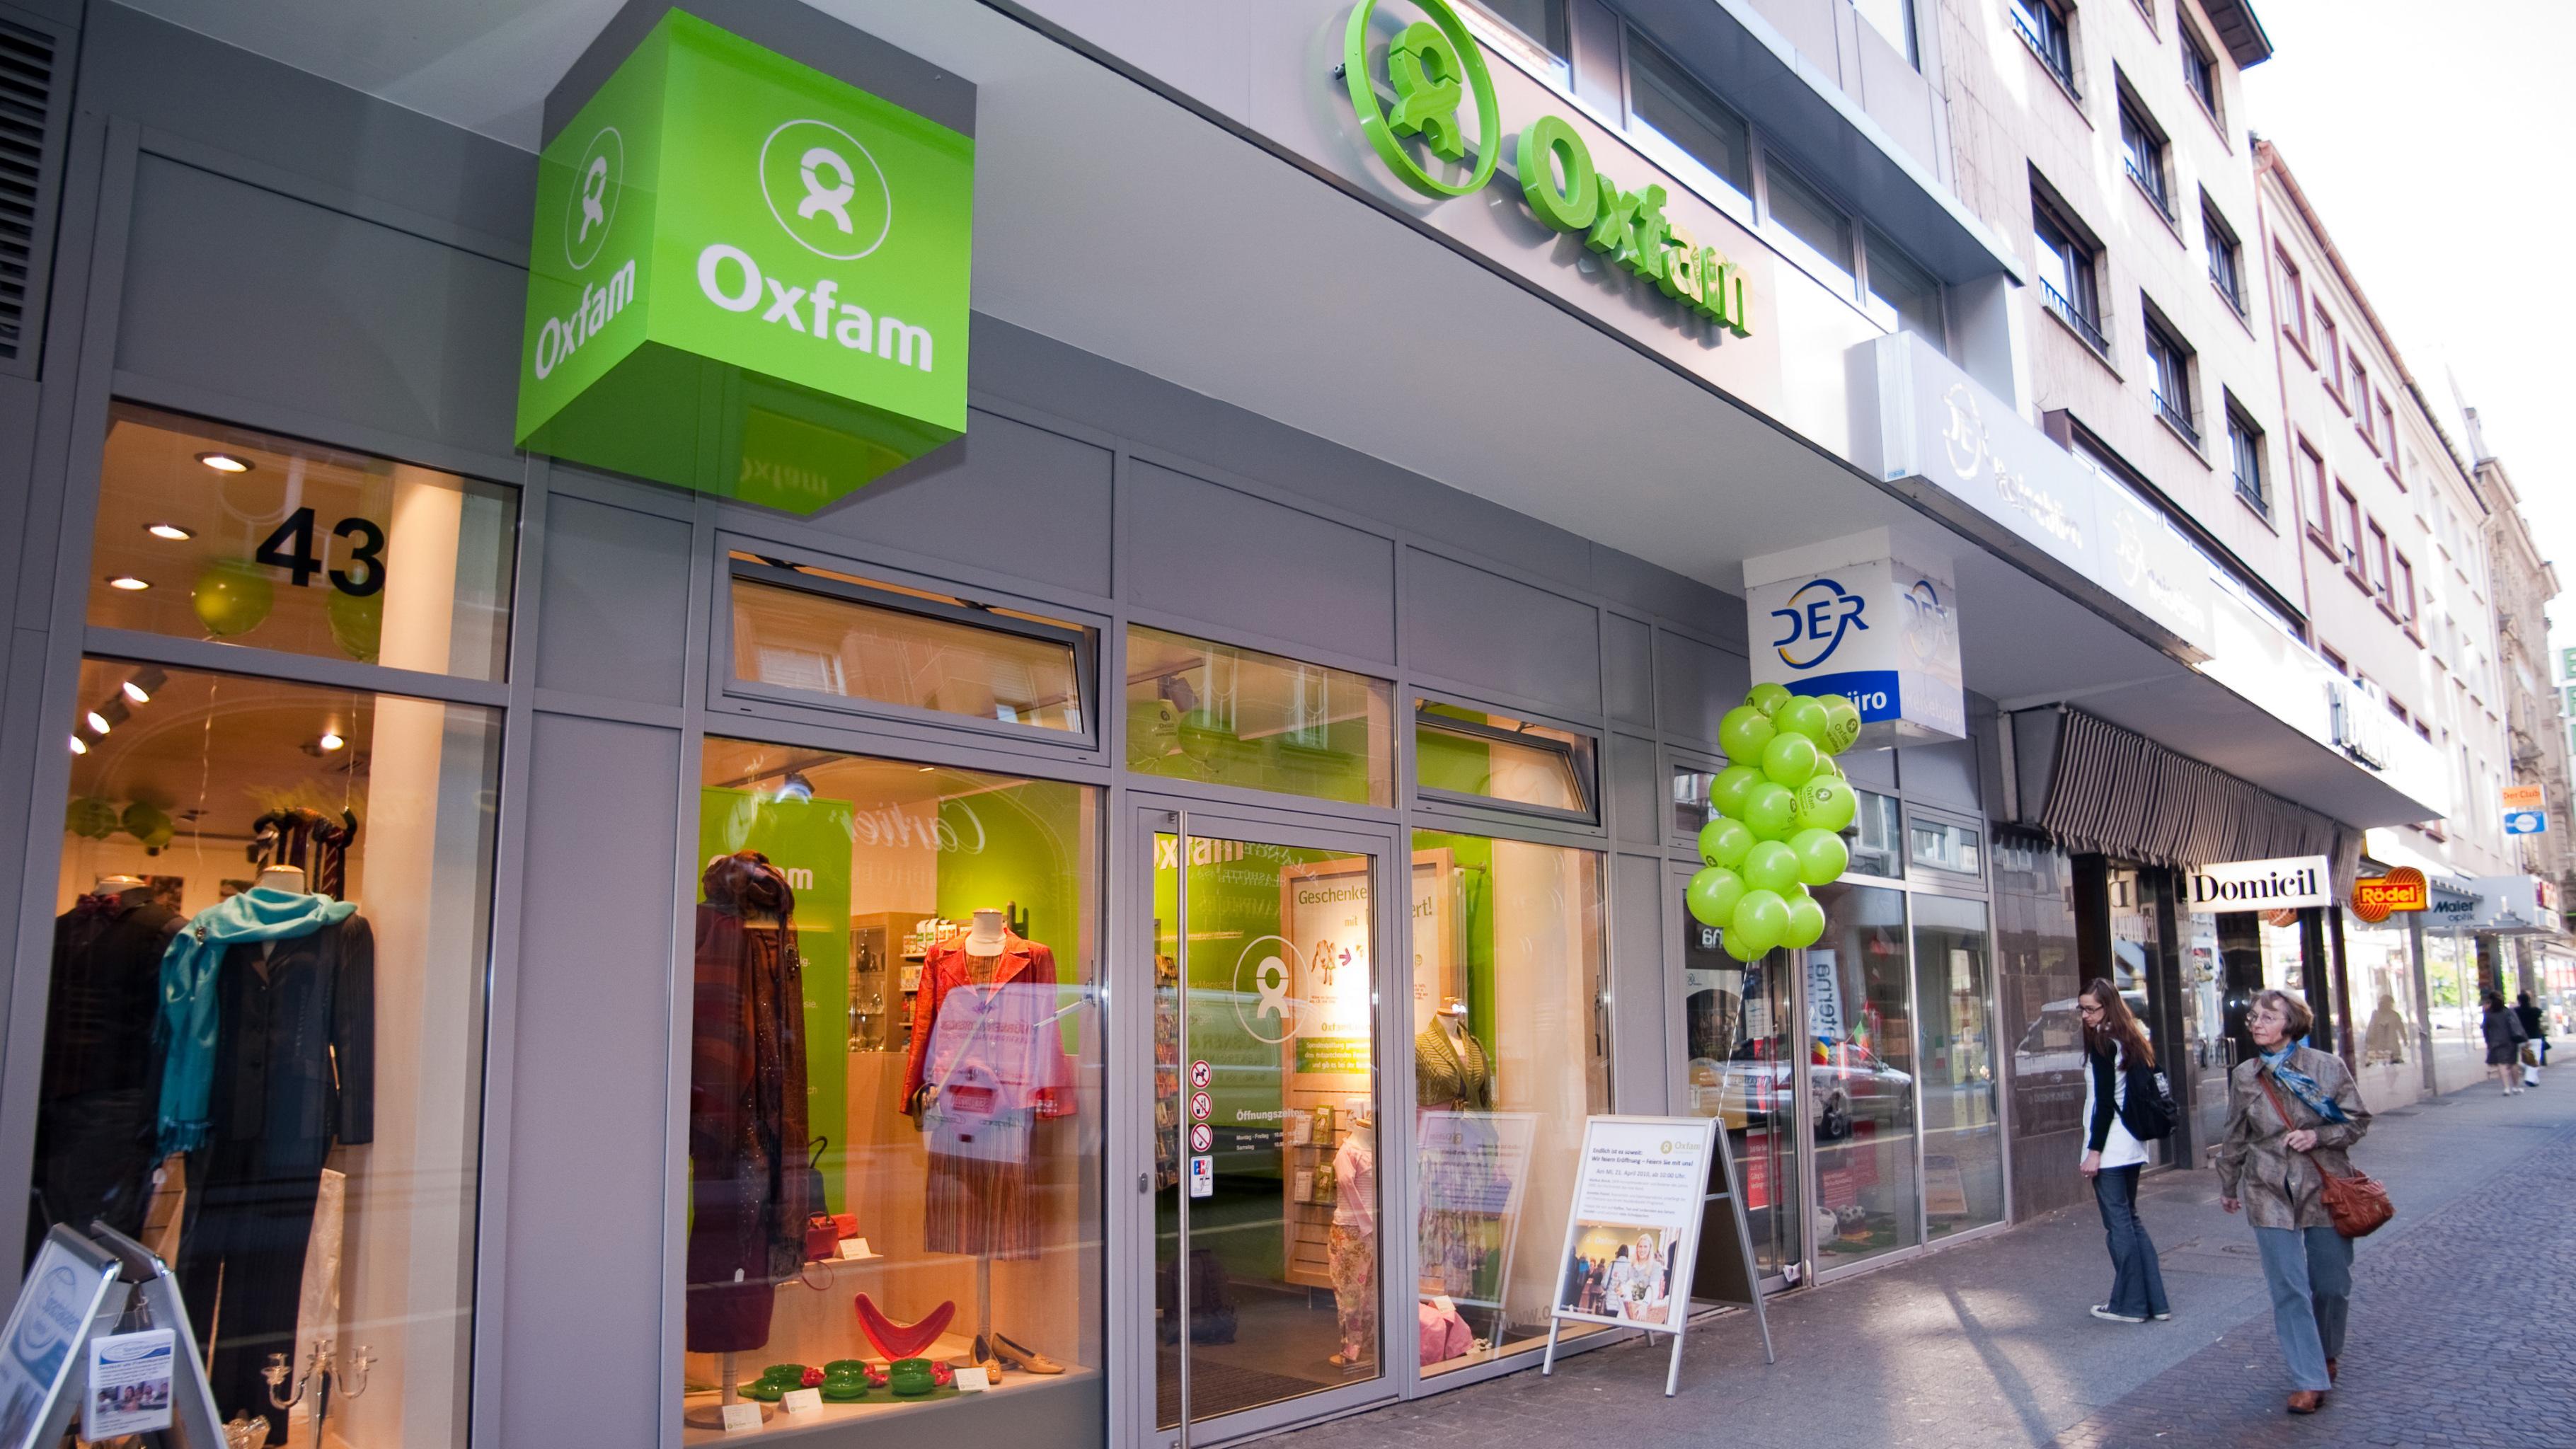 Secondhand Kaufen U0026 Spenden In Karlsruhe - Oxfam Shop